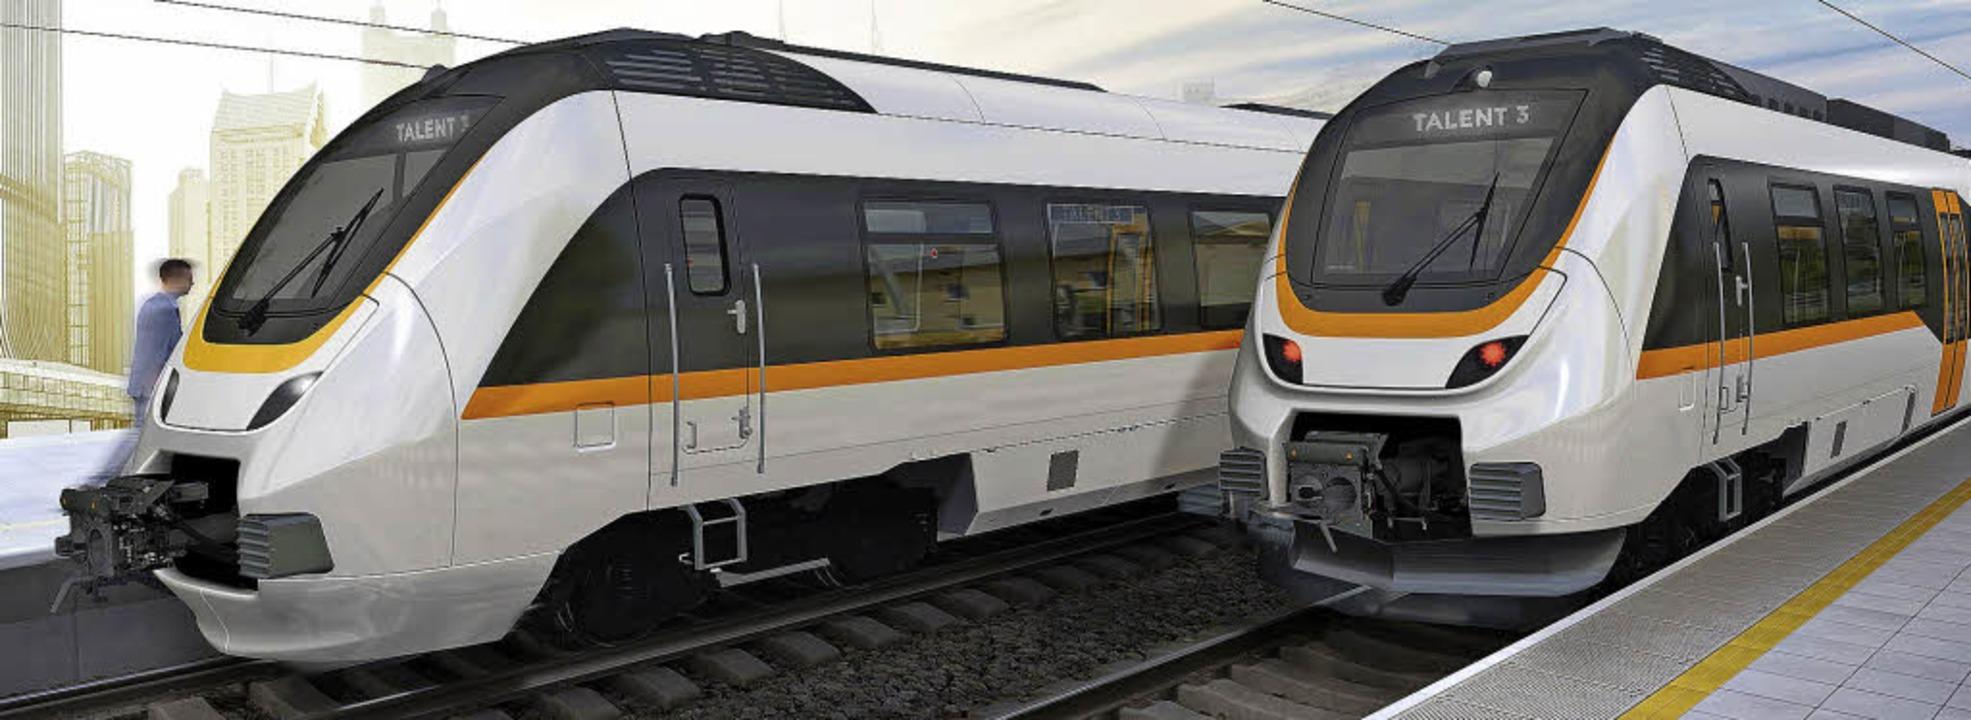 Talent-3-Züge sollen bald zum Einsatz kommen.     Foto: Visualisierung: Bombardier/FotoS: Markus Zimmermann